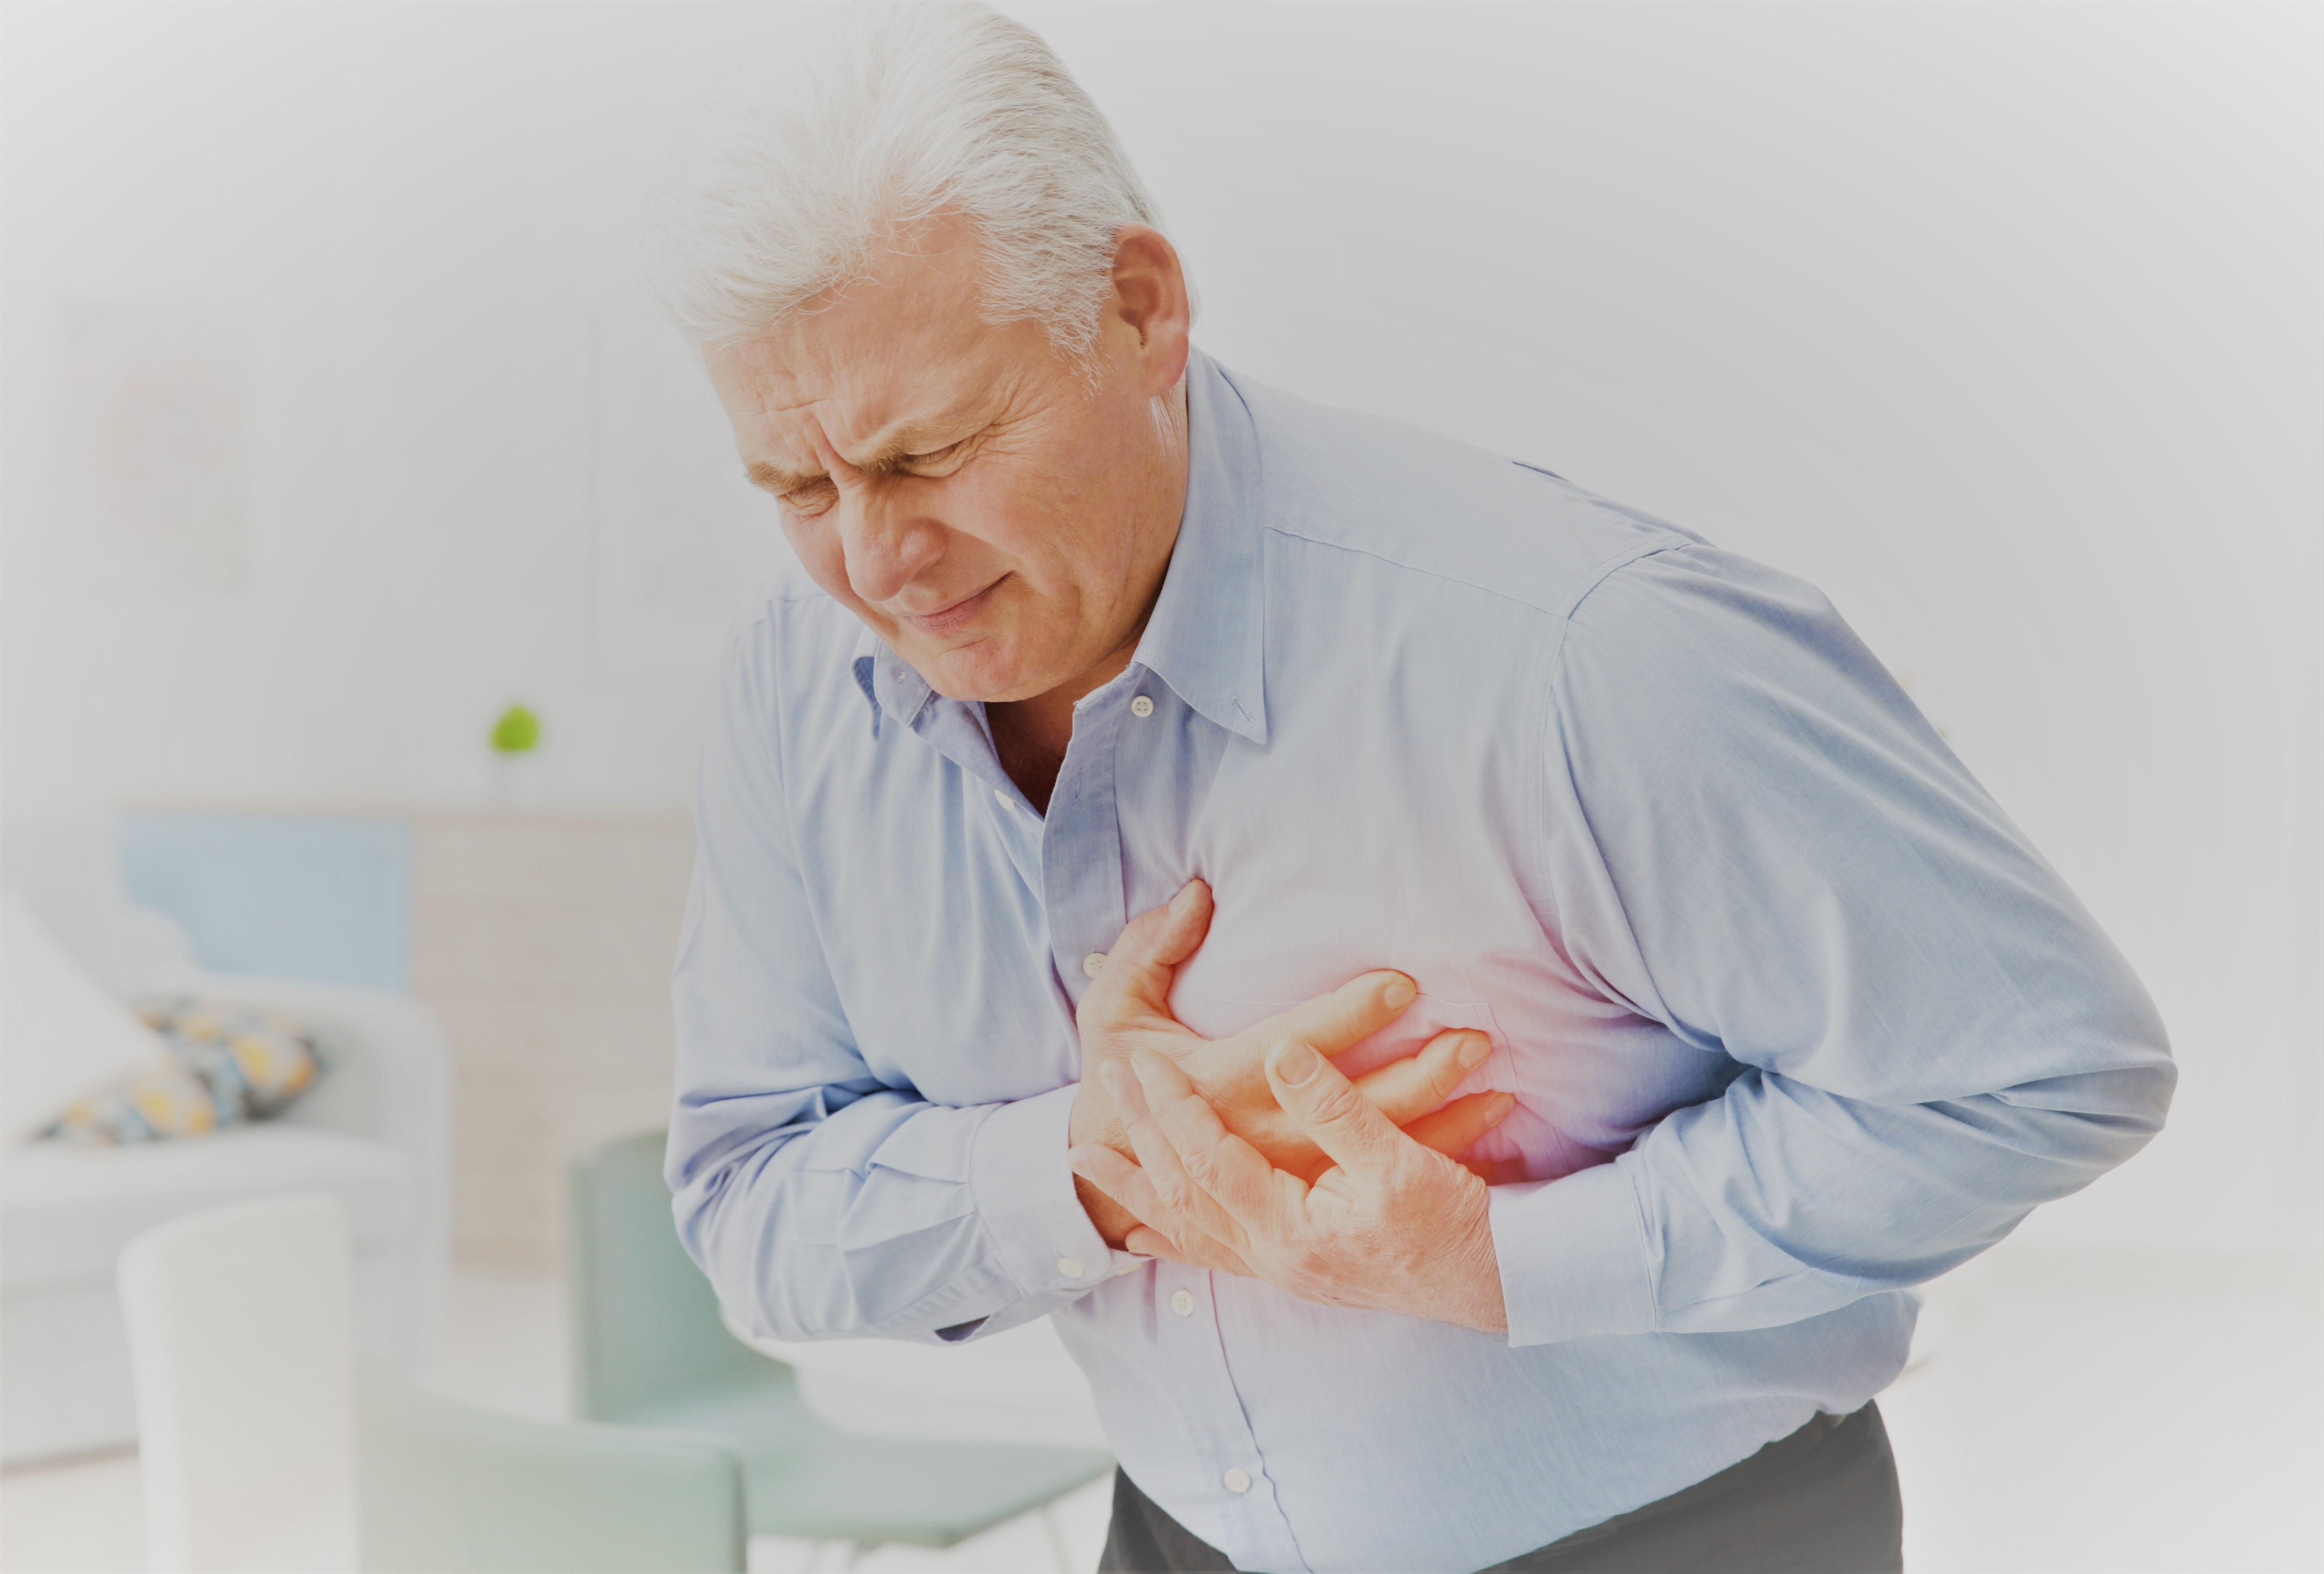 ízületi fájdalom a mozgás hiányából)